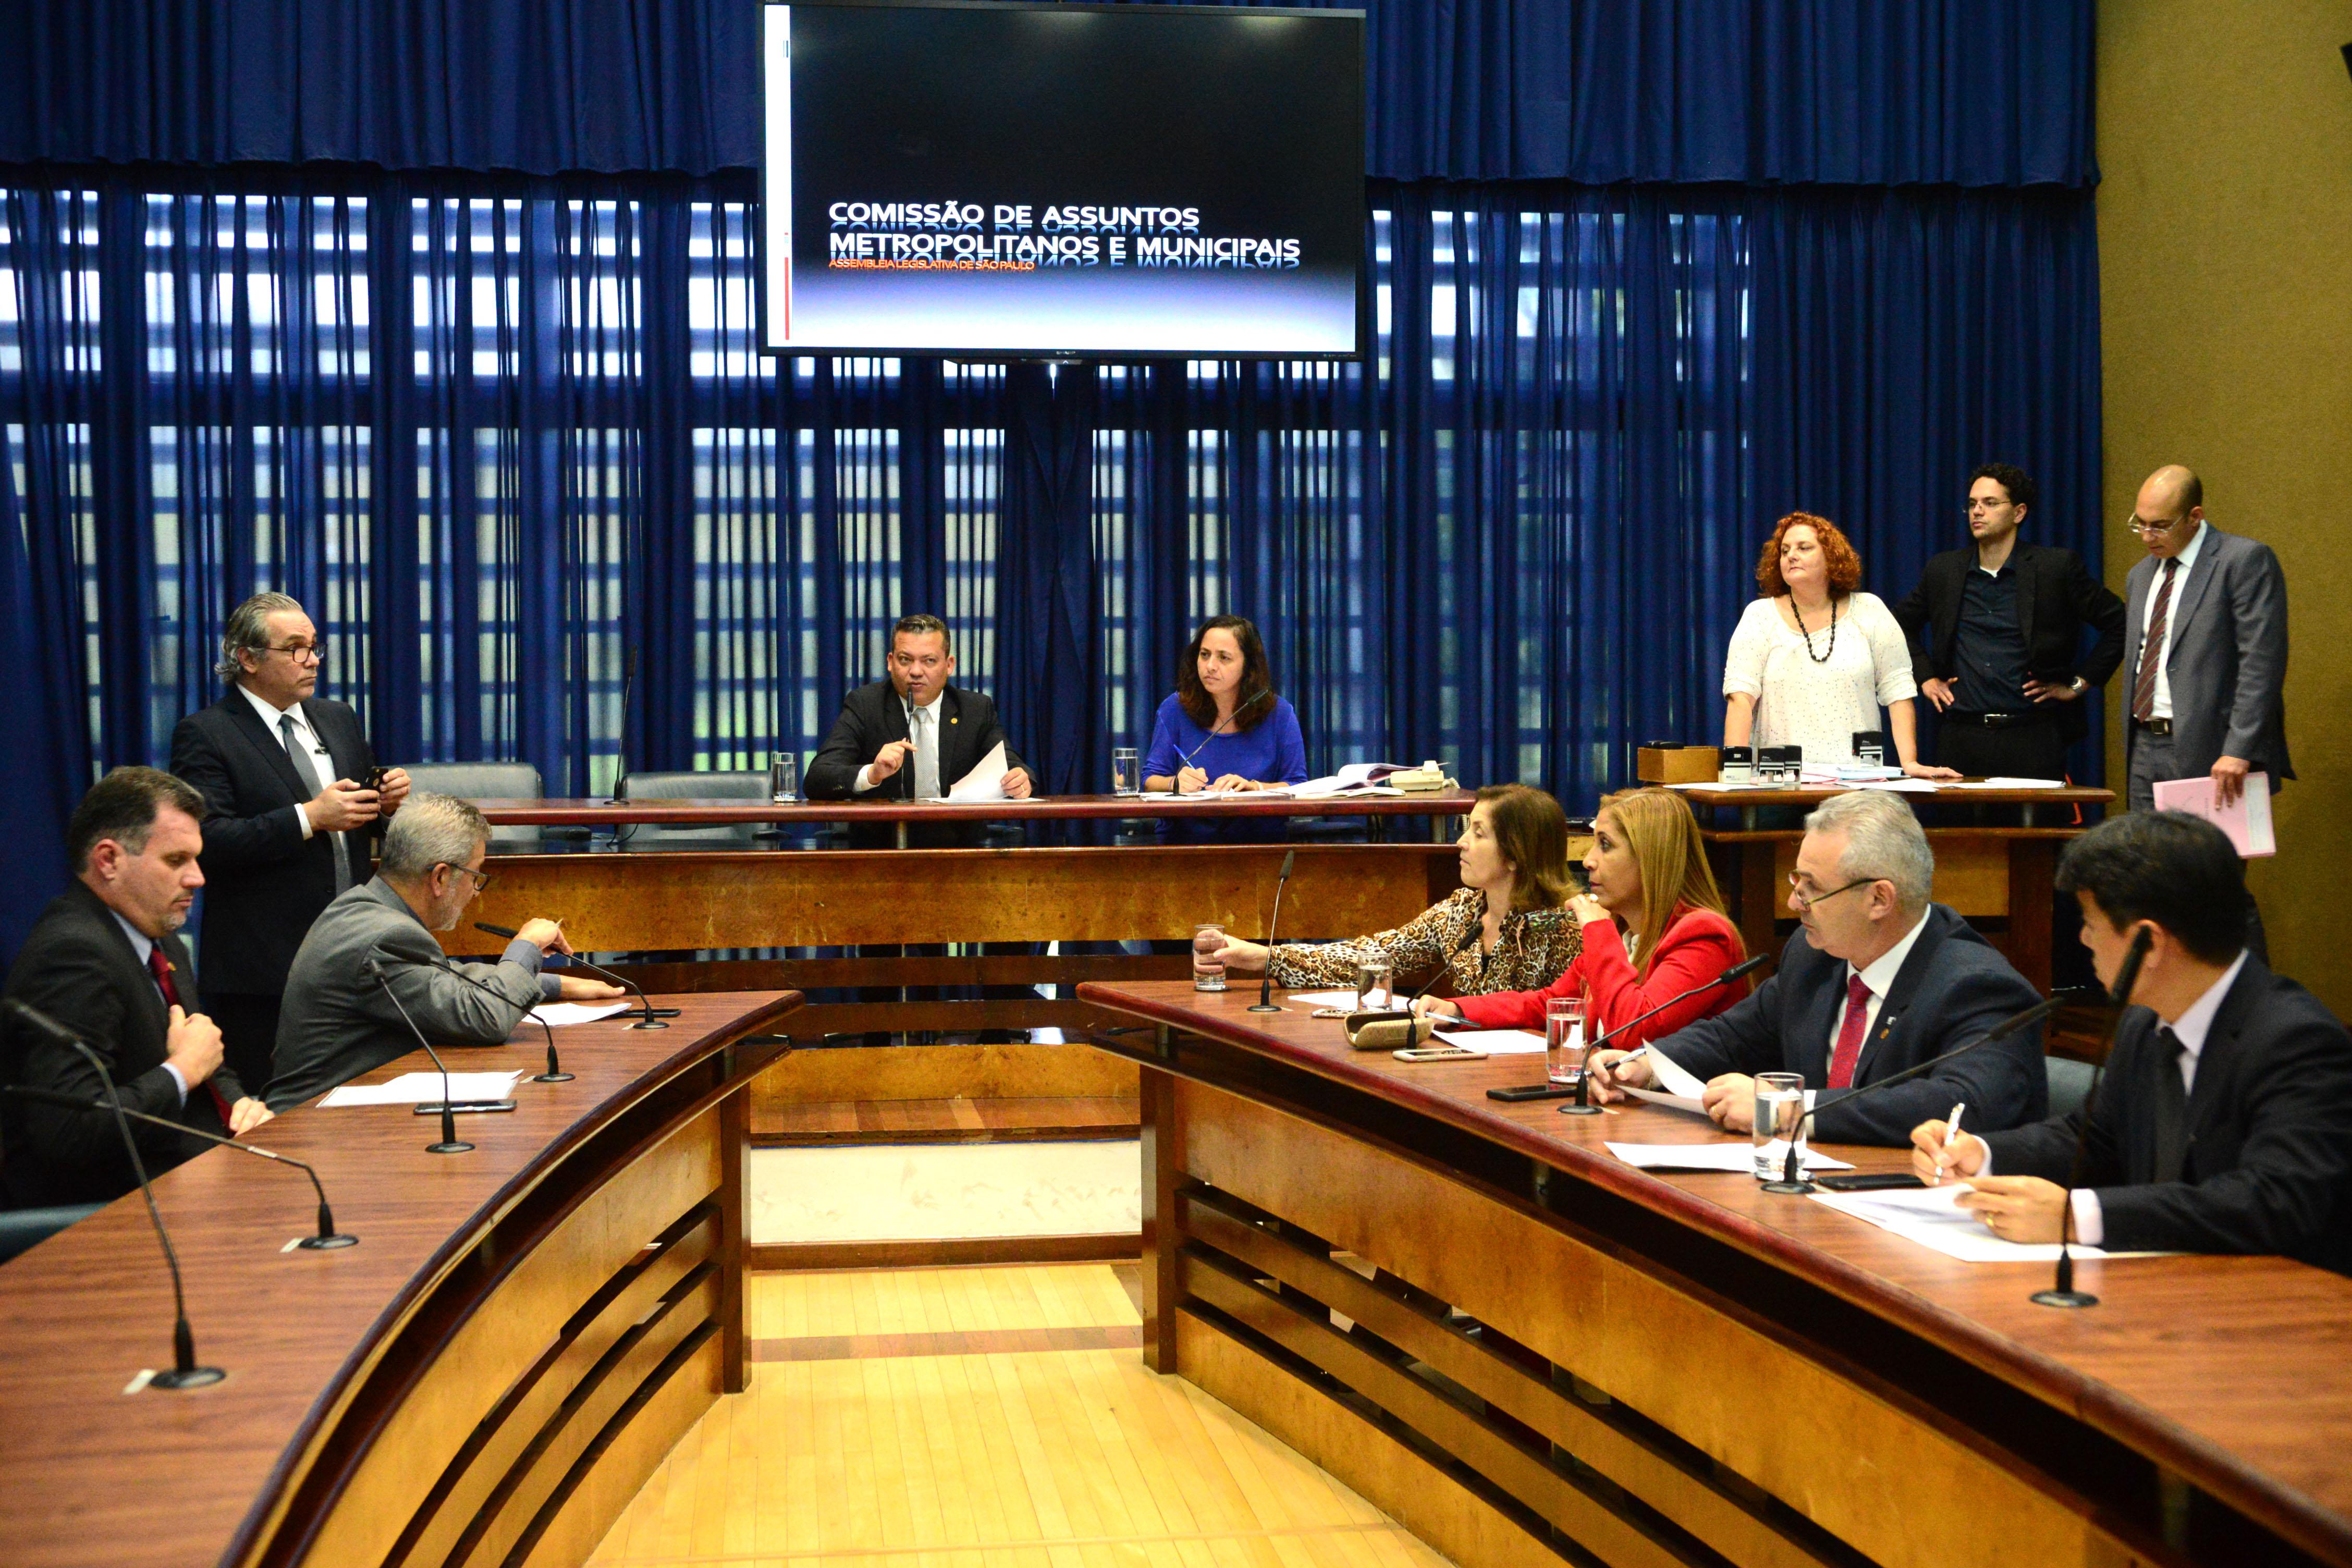 Paulo Correa Jr preside a Comissão de Assuntos Metropolitanos e Municipais <a style='float:right' href='https://www3.al.sp.gov.br/repositorio/noticia/N-06-2017/fg204503.jpg' target=_blank><img src='/_img/material-file-download-white.png' width='14px' alt='Clique para baixar a imagem'></a>